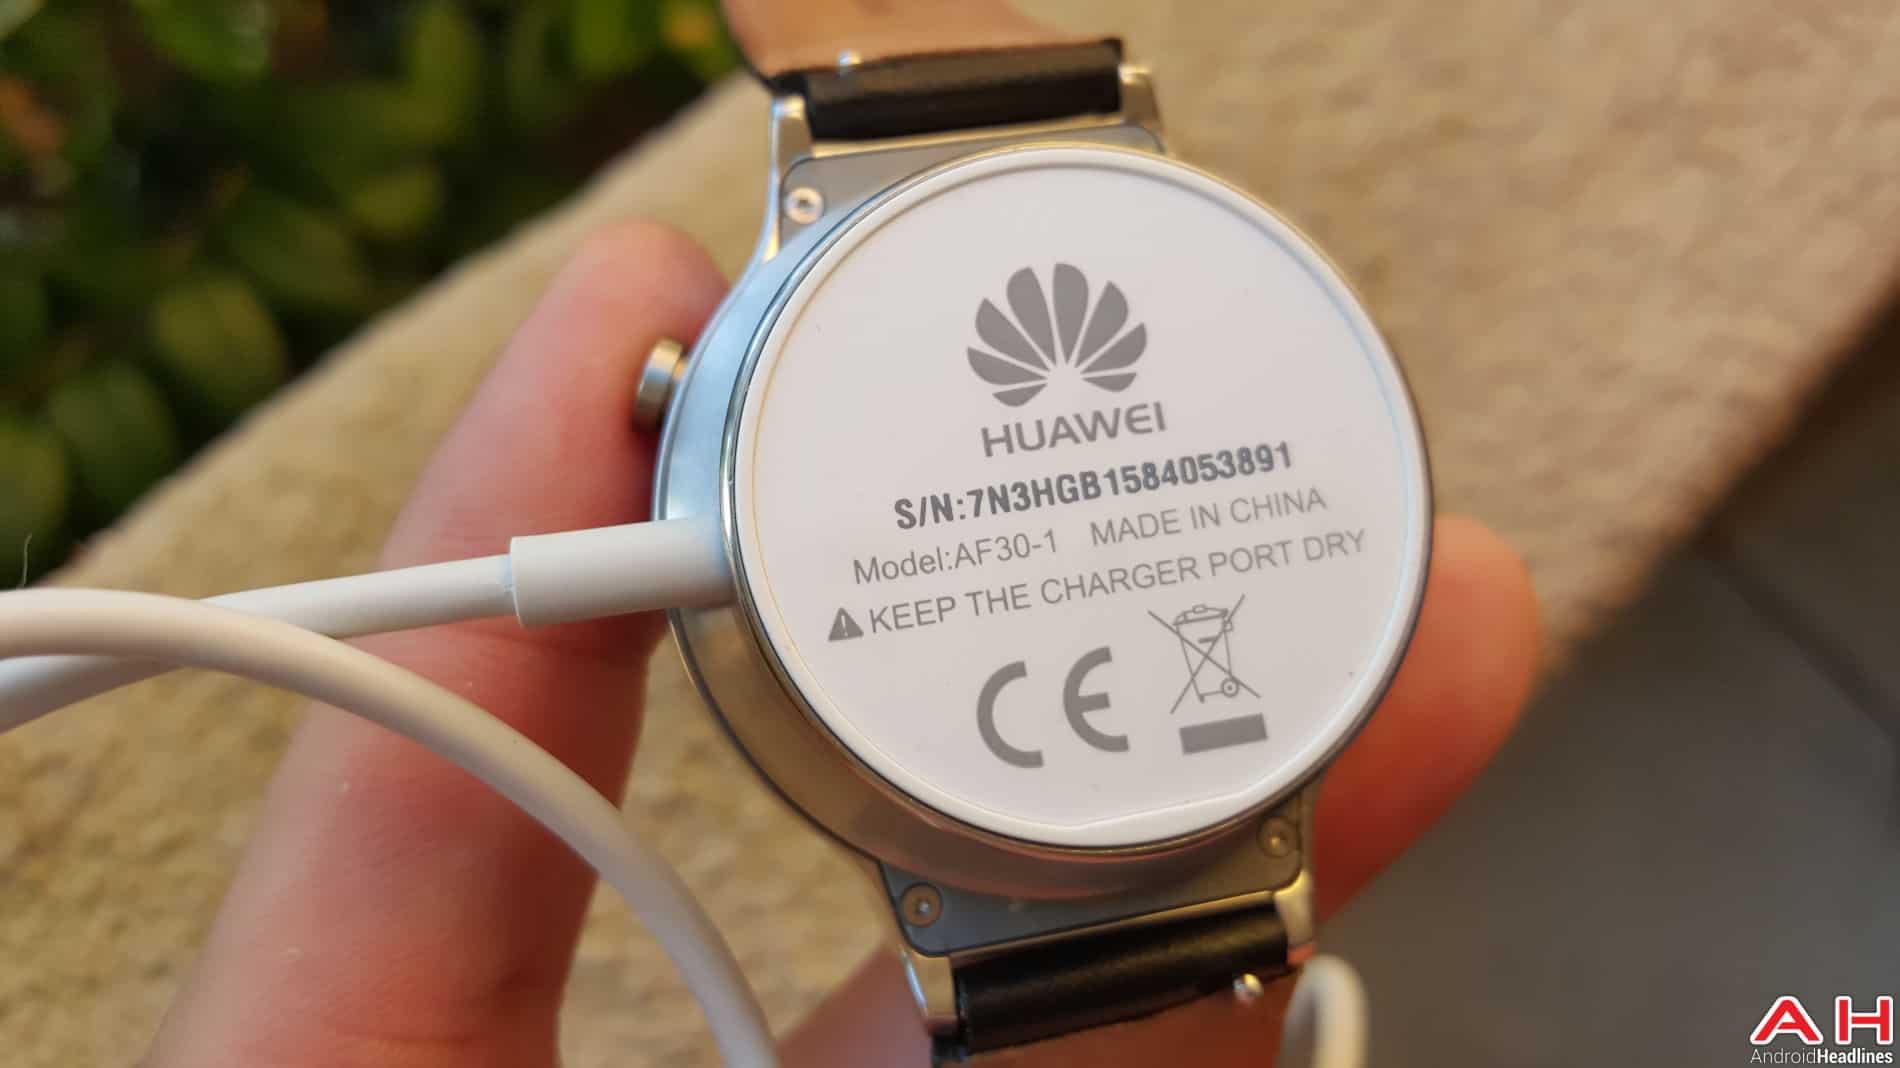 Huawei Watch AH 128